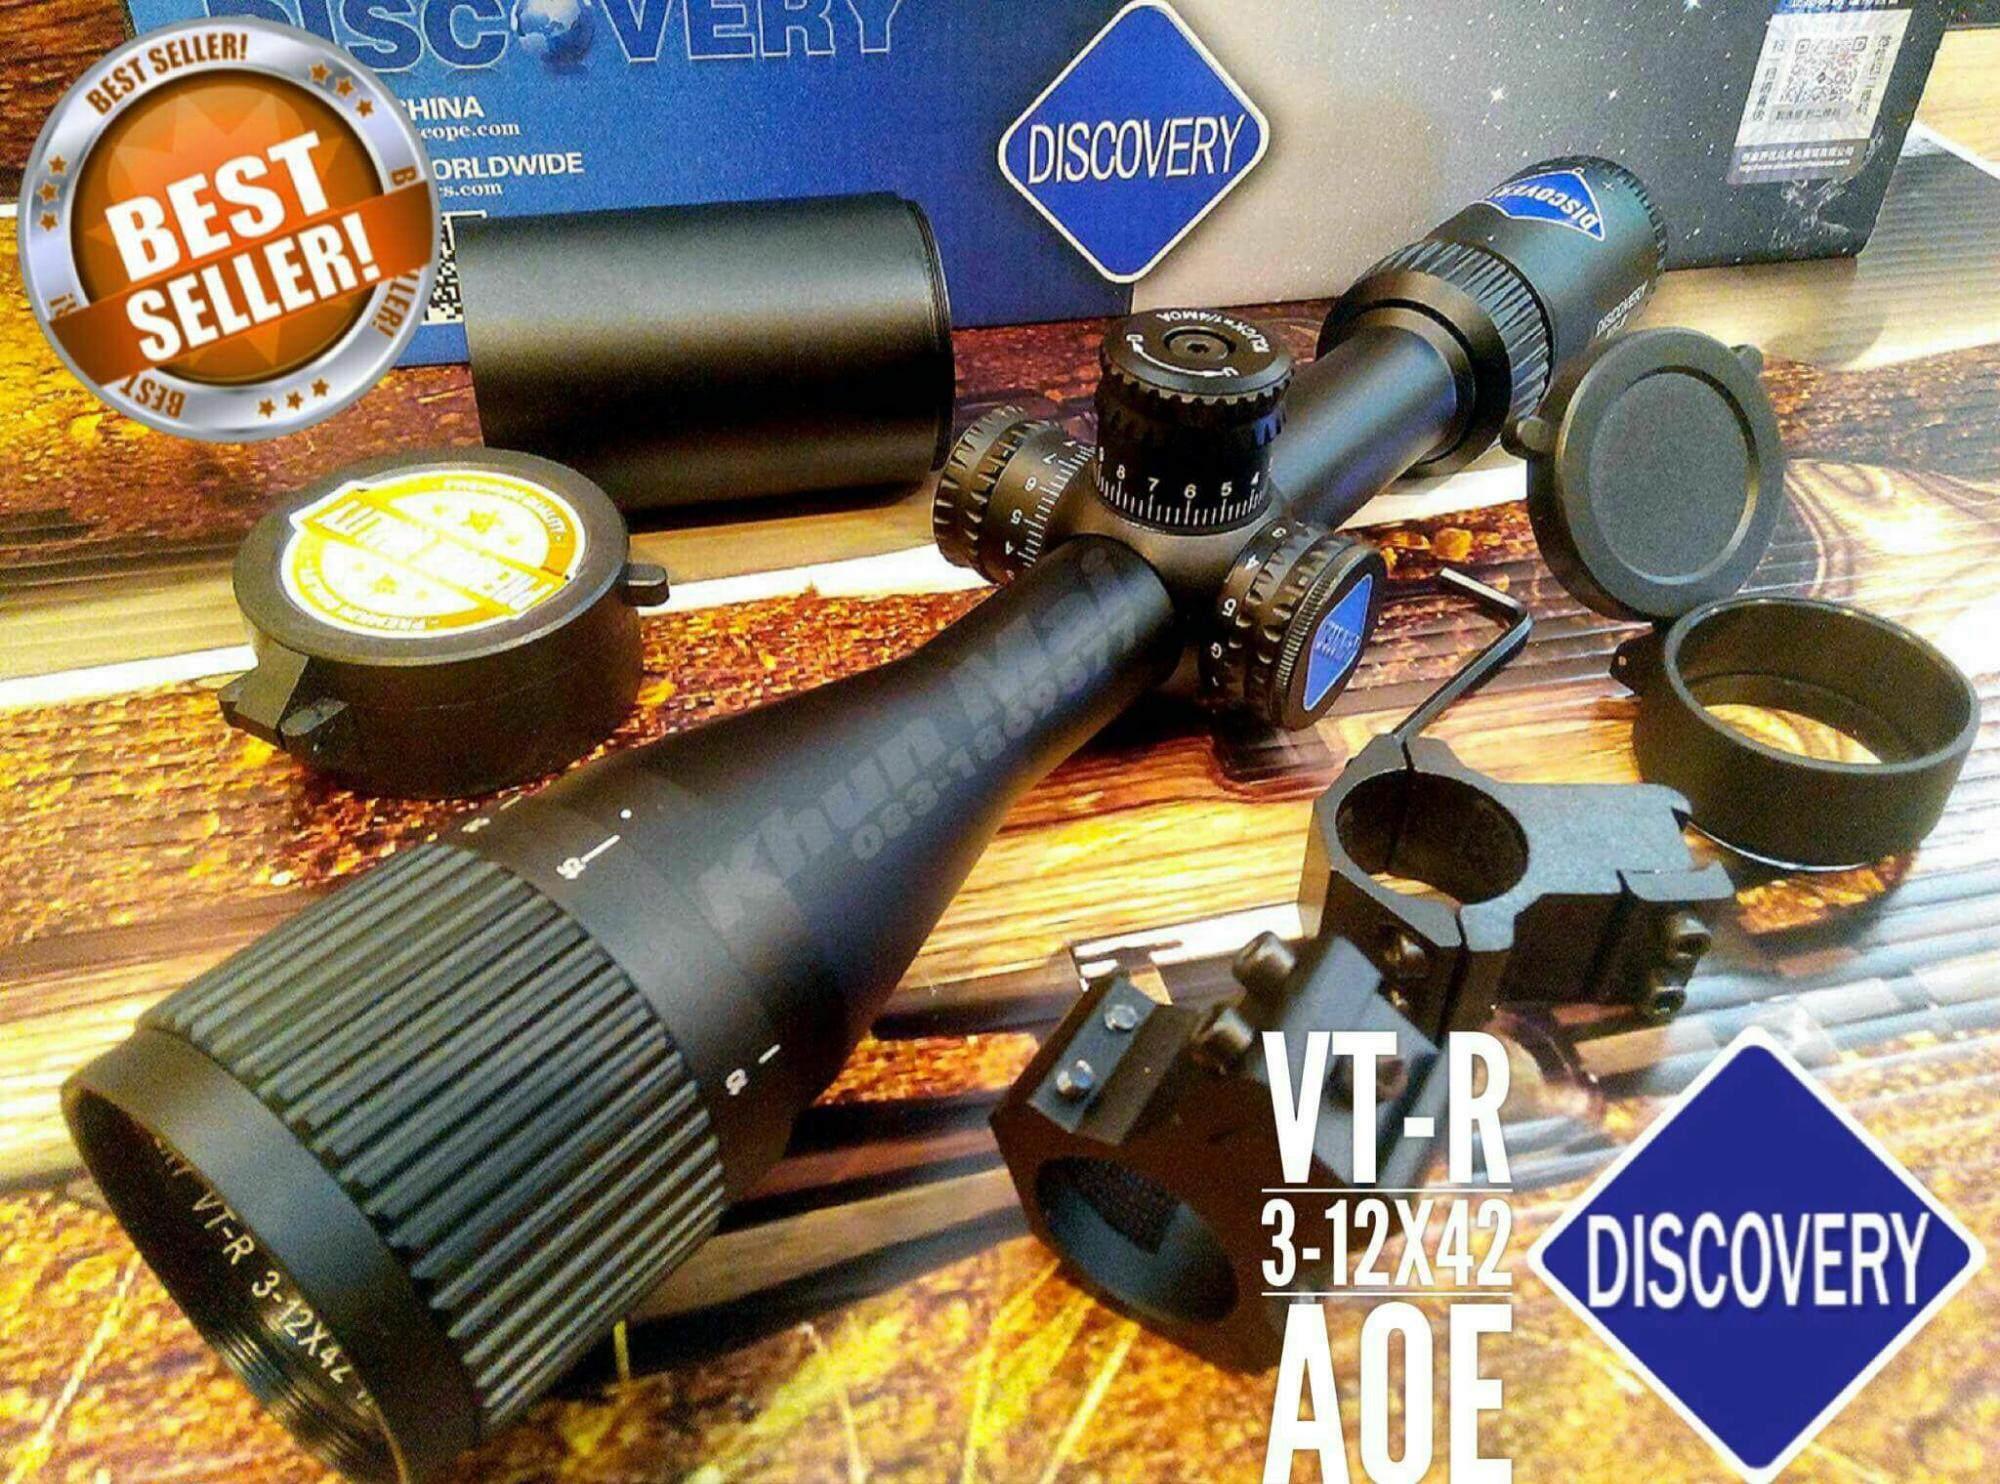 ขาย กล้องติดปืน Discovery Vt R 3 12X42Aoe Discovery ใน กรุงเทพมหานคร